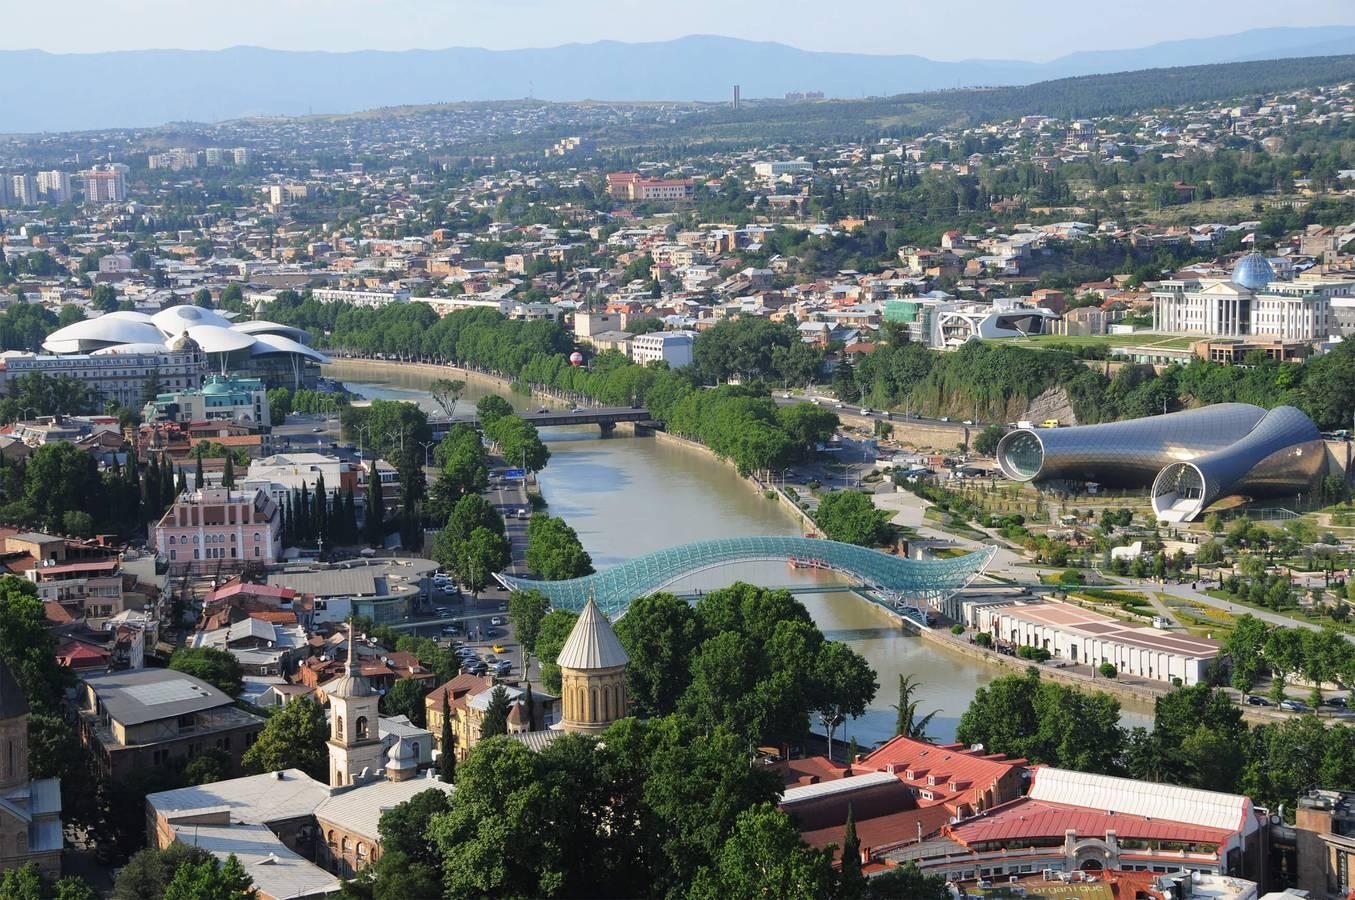 Kaukazská krásavica Tbilisi